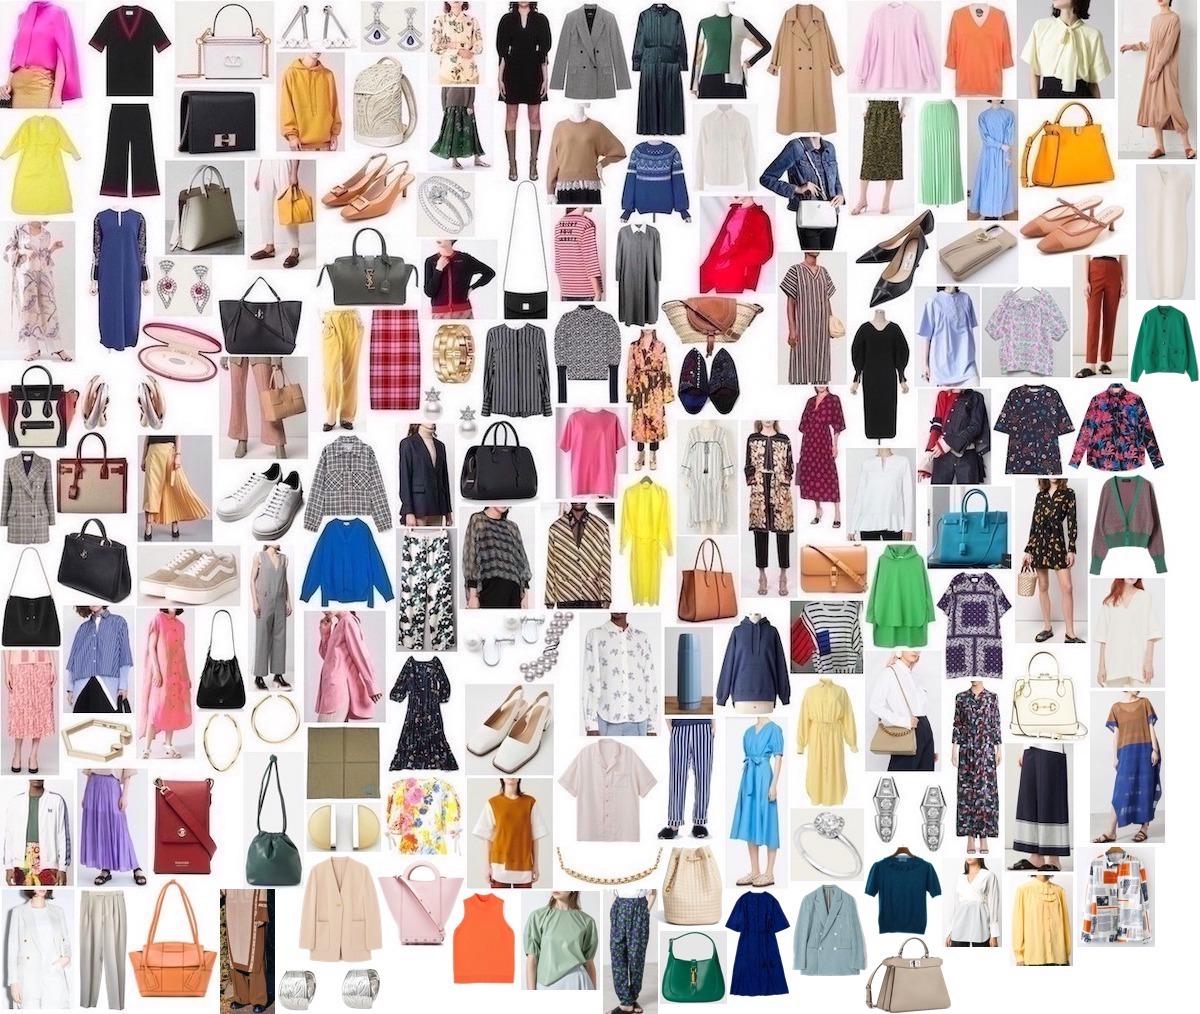 【大豆田とわ子と三人の元夫】松たか子のドラマ衣装シーン別まとめ!ワンピ スカート アクセ バッグ等 まめ夫のファッション♪